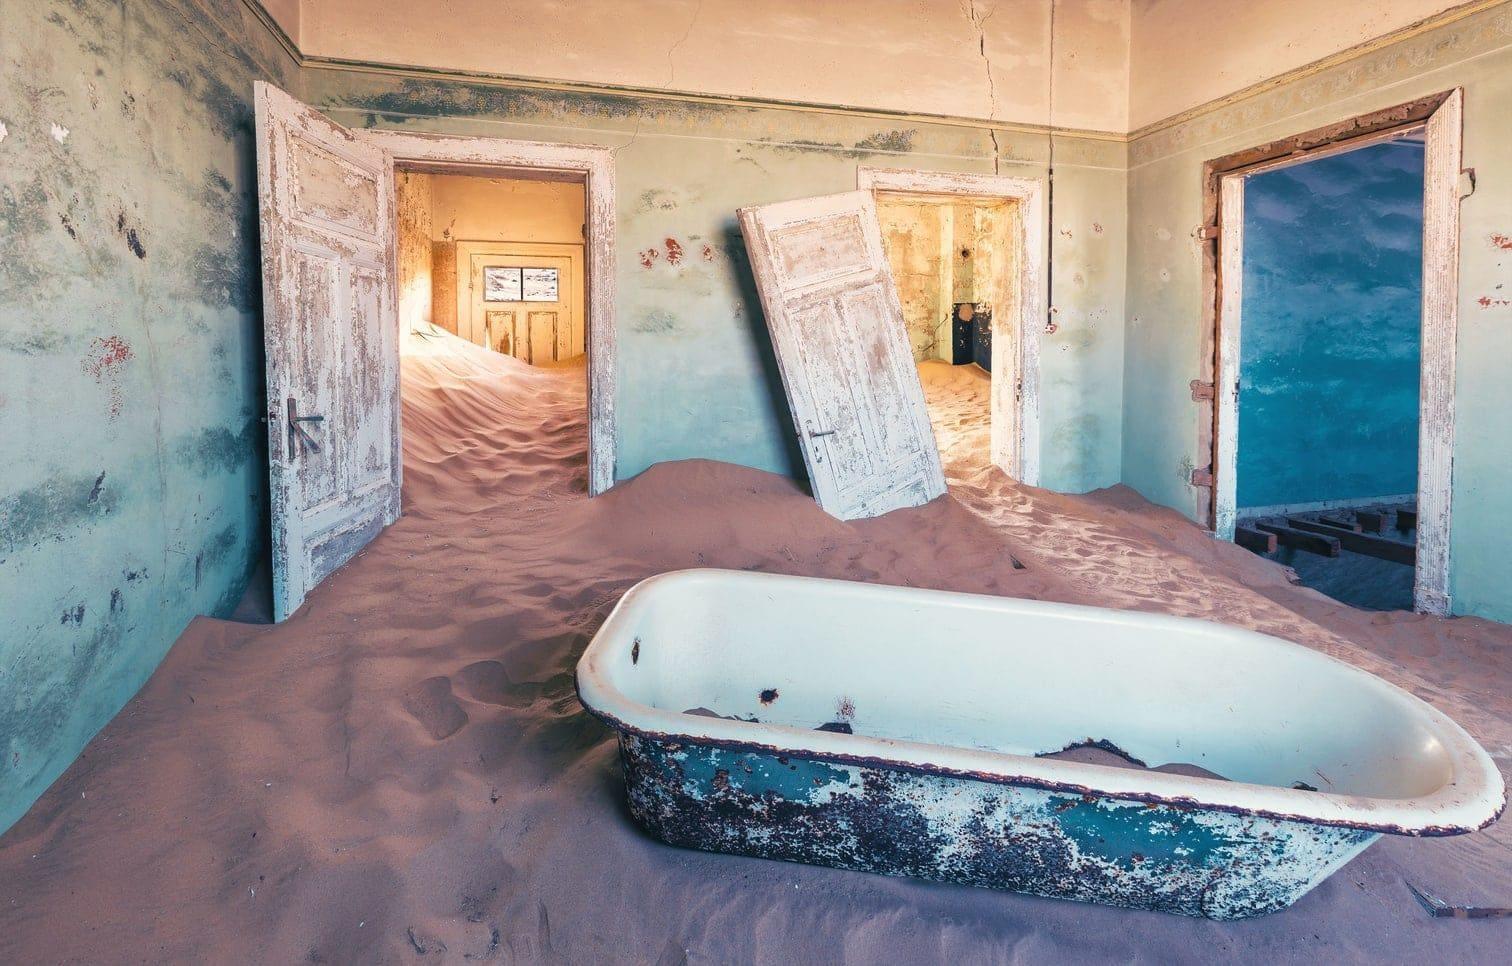 <p><strong>Kolmanskop &ndash; die Geisterstadt in Namibia:</strong><br />Die ehemalige deutsche Diamantenstadt ist heute ein einsames und verlassenes Dorf in der Wüste Namibias. In der einst reichsten Stadt Afrikas wurden vor mehr als 100 Jahren Diamanten abgebaut. Dieser Boom hielt jedoch nur bis in die 1930er Jahre an. Heute sind neben den Sanddünen und den alten Ruinen vor allem die Räume